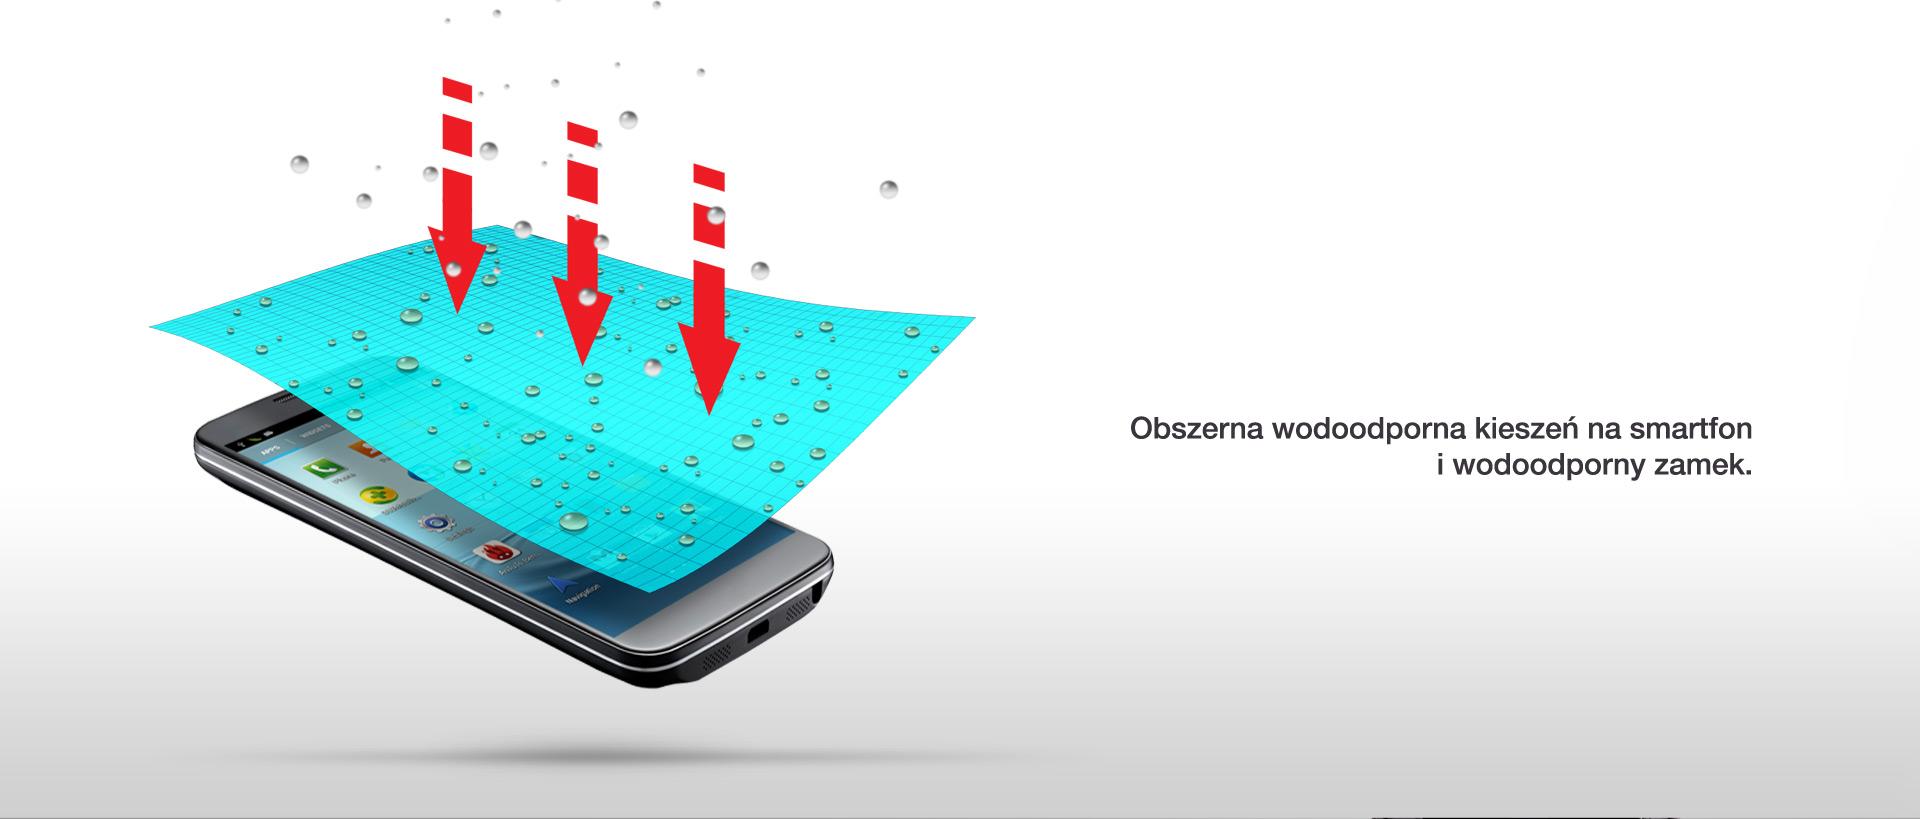 Obszerna wodoodporna kieszeń na smartfon i wodoodporny zamek.